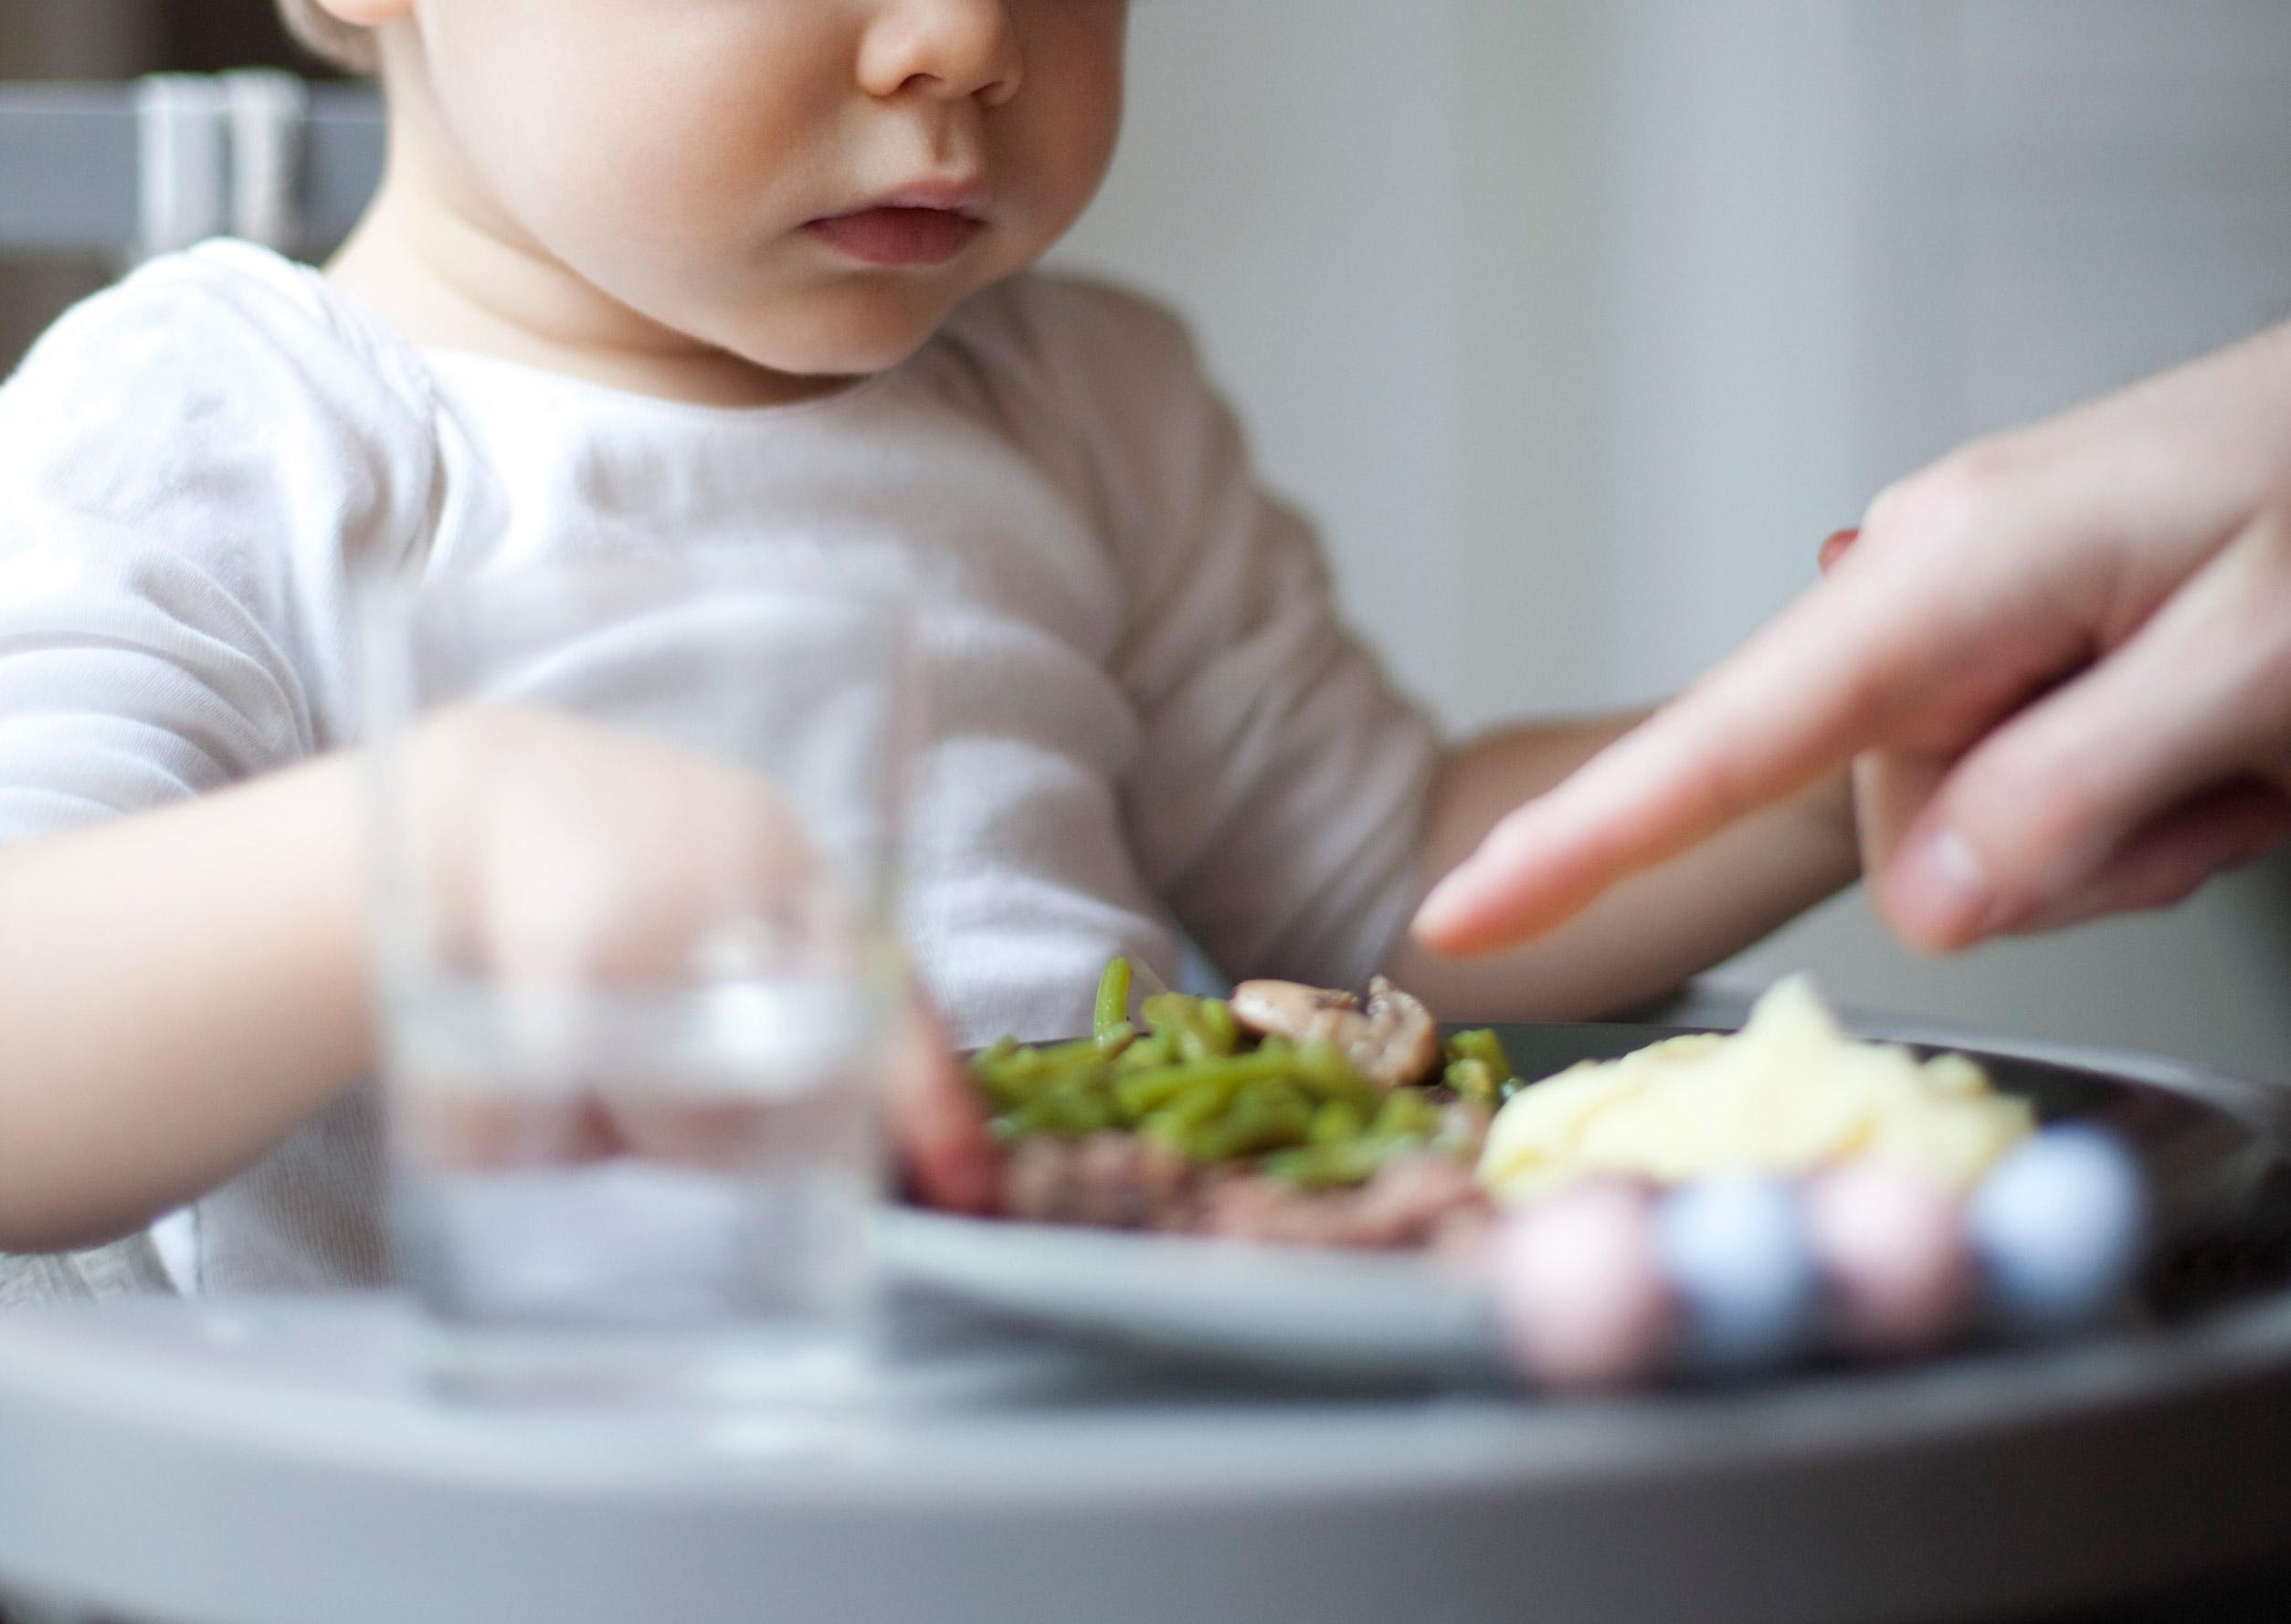 menus types par age de 4 mois a 2 ans mpedia fr